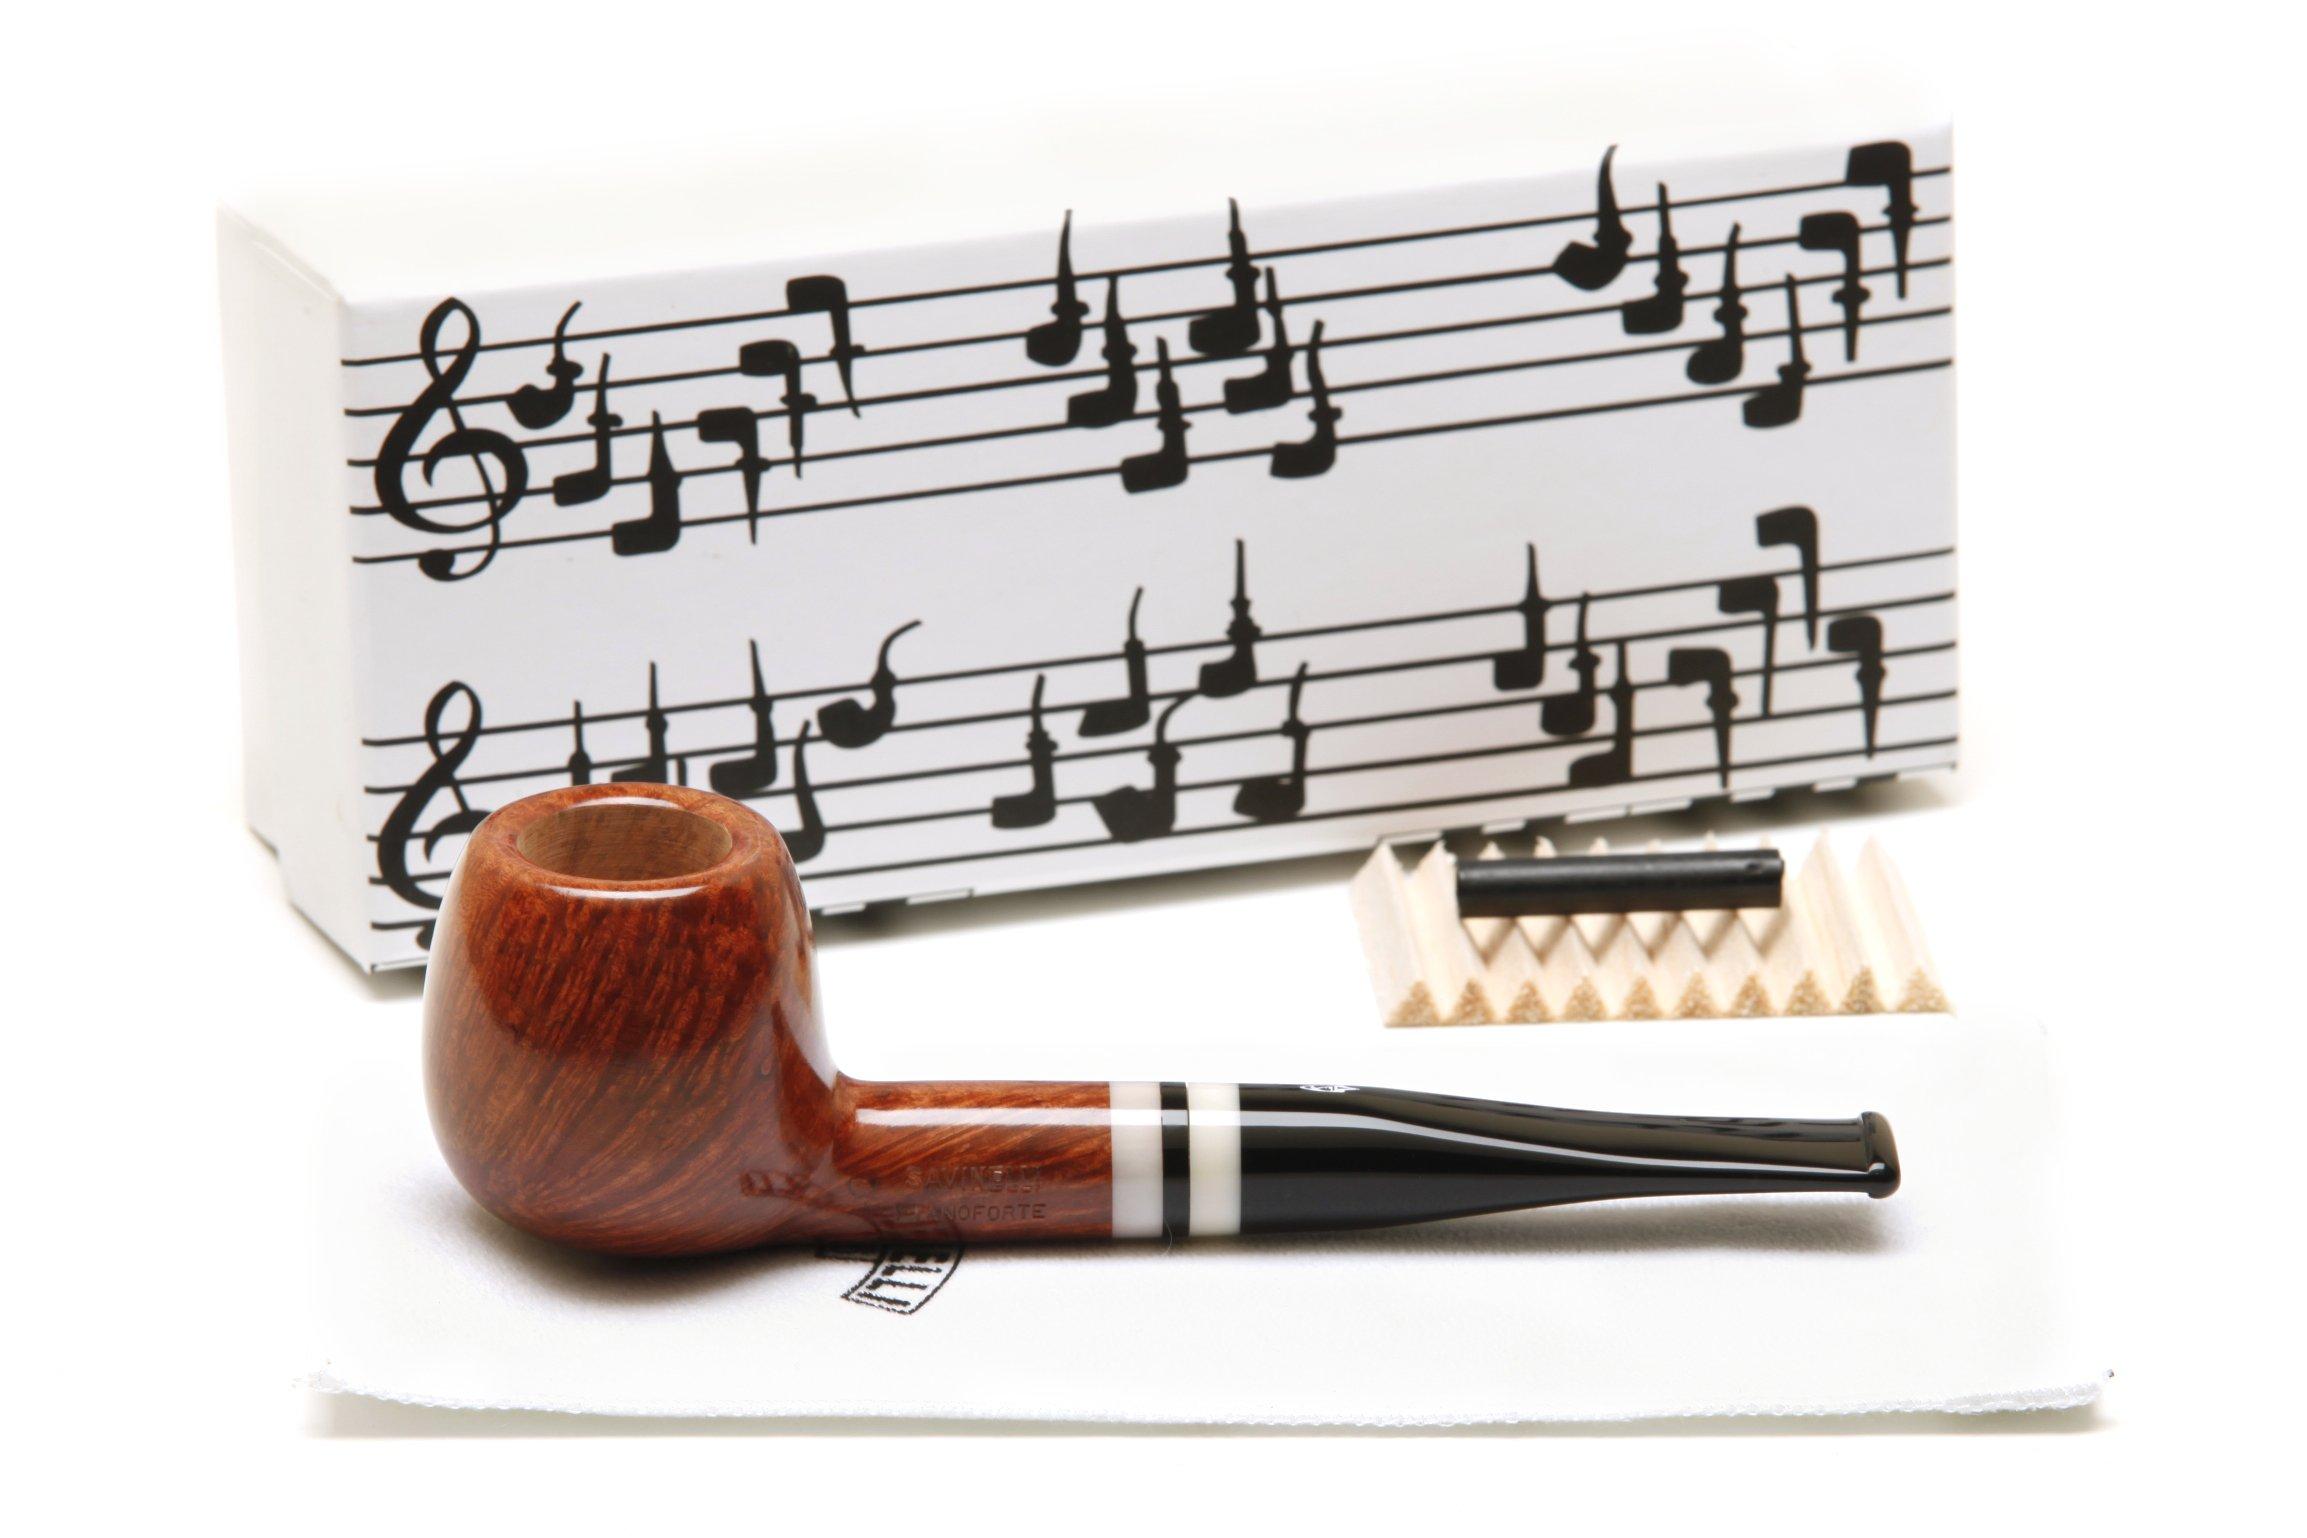 Savinelli Pianoforte 207 Smooth Tobacco Pipe